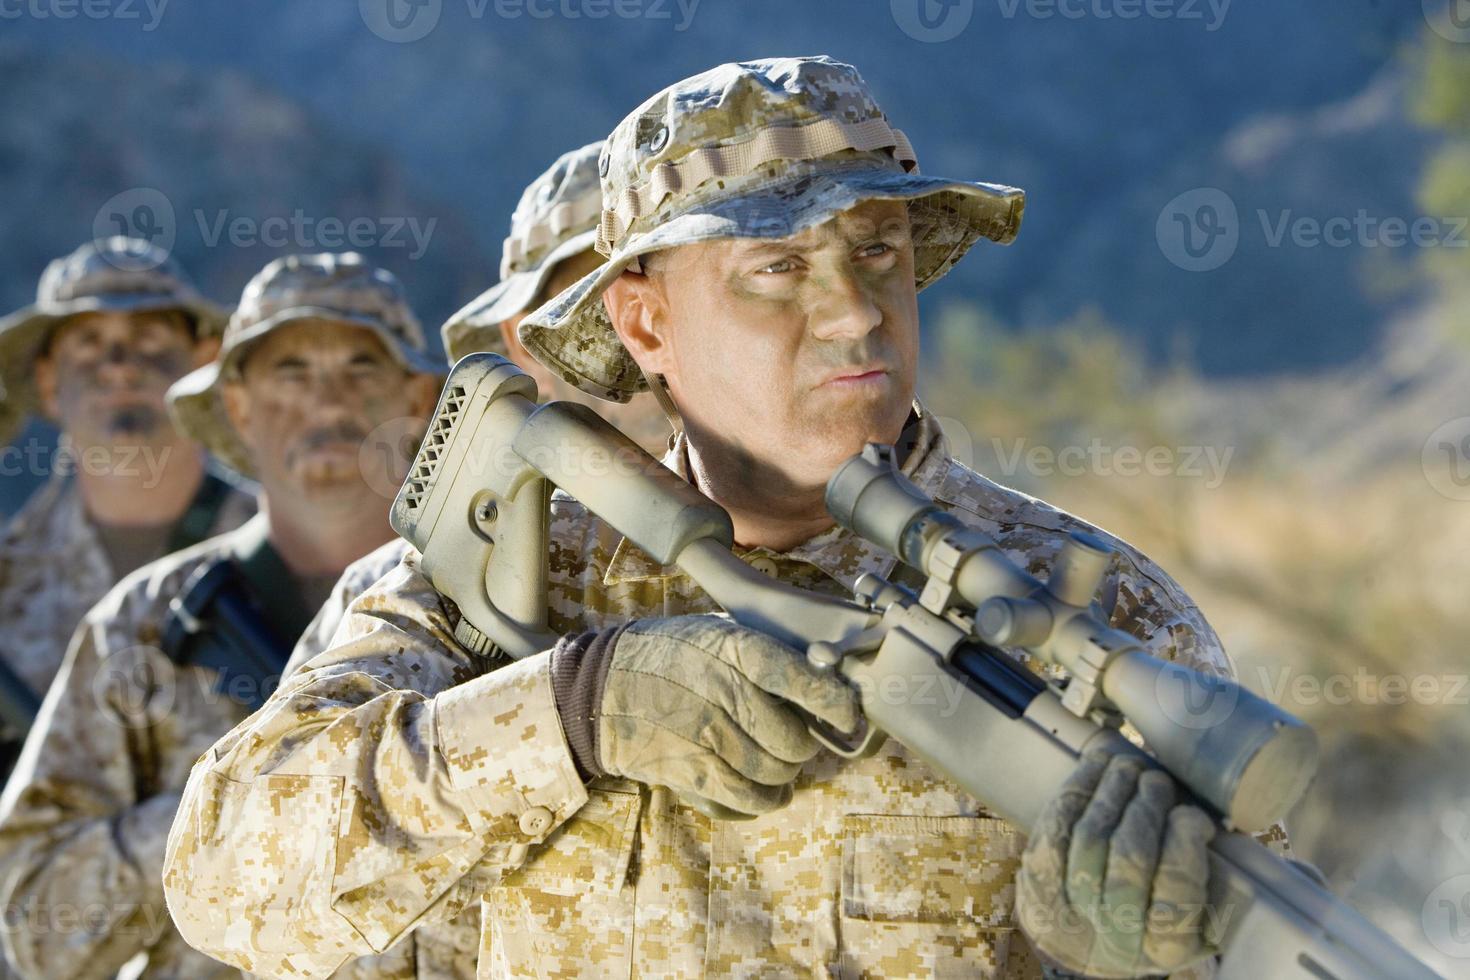 Soldaten auf dem Feld foto